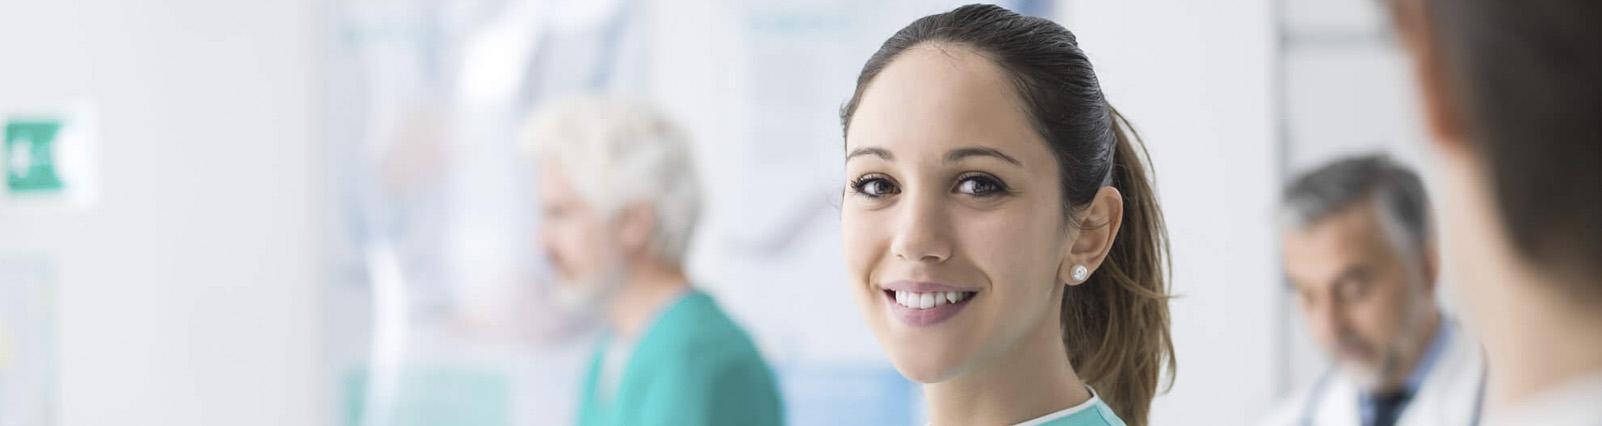 O que é segurança do paciente?